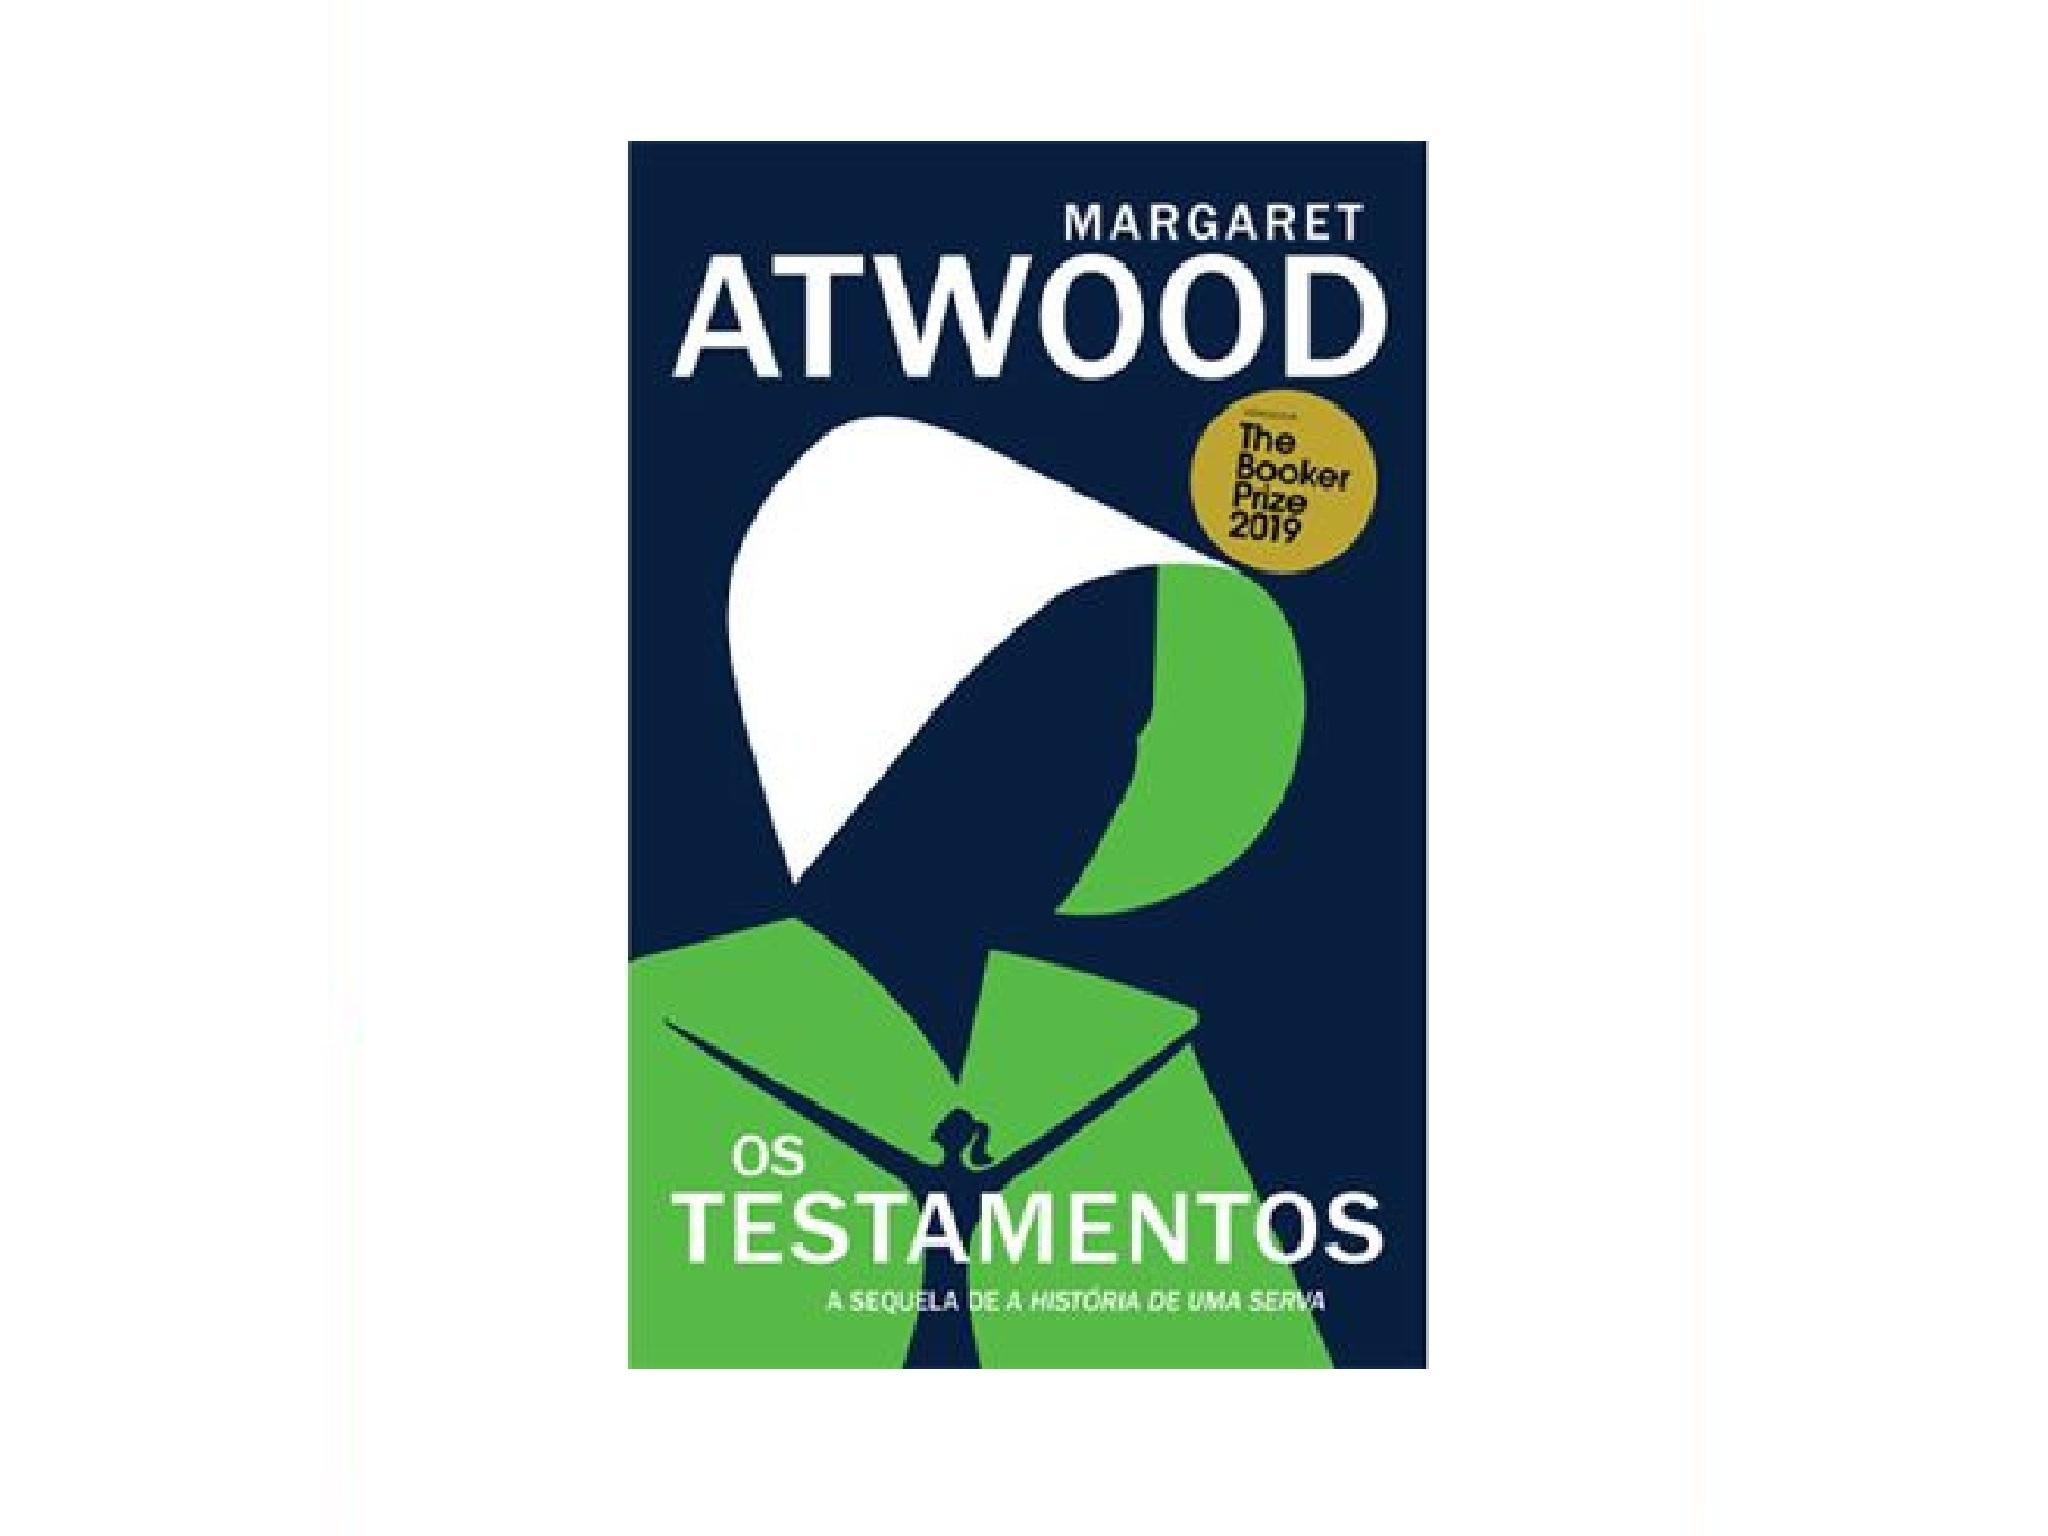 Compras, Livros, Os Testamentos, Margaret Atwood